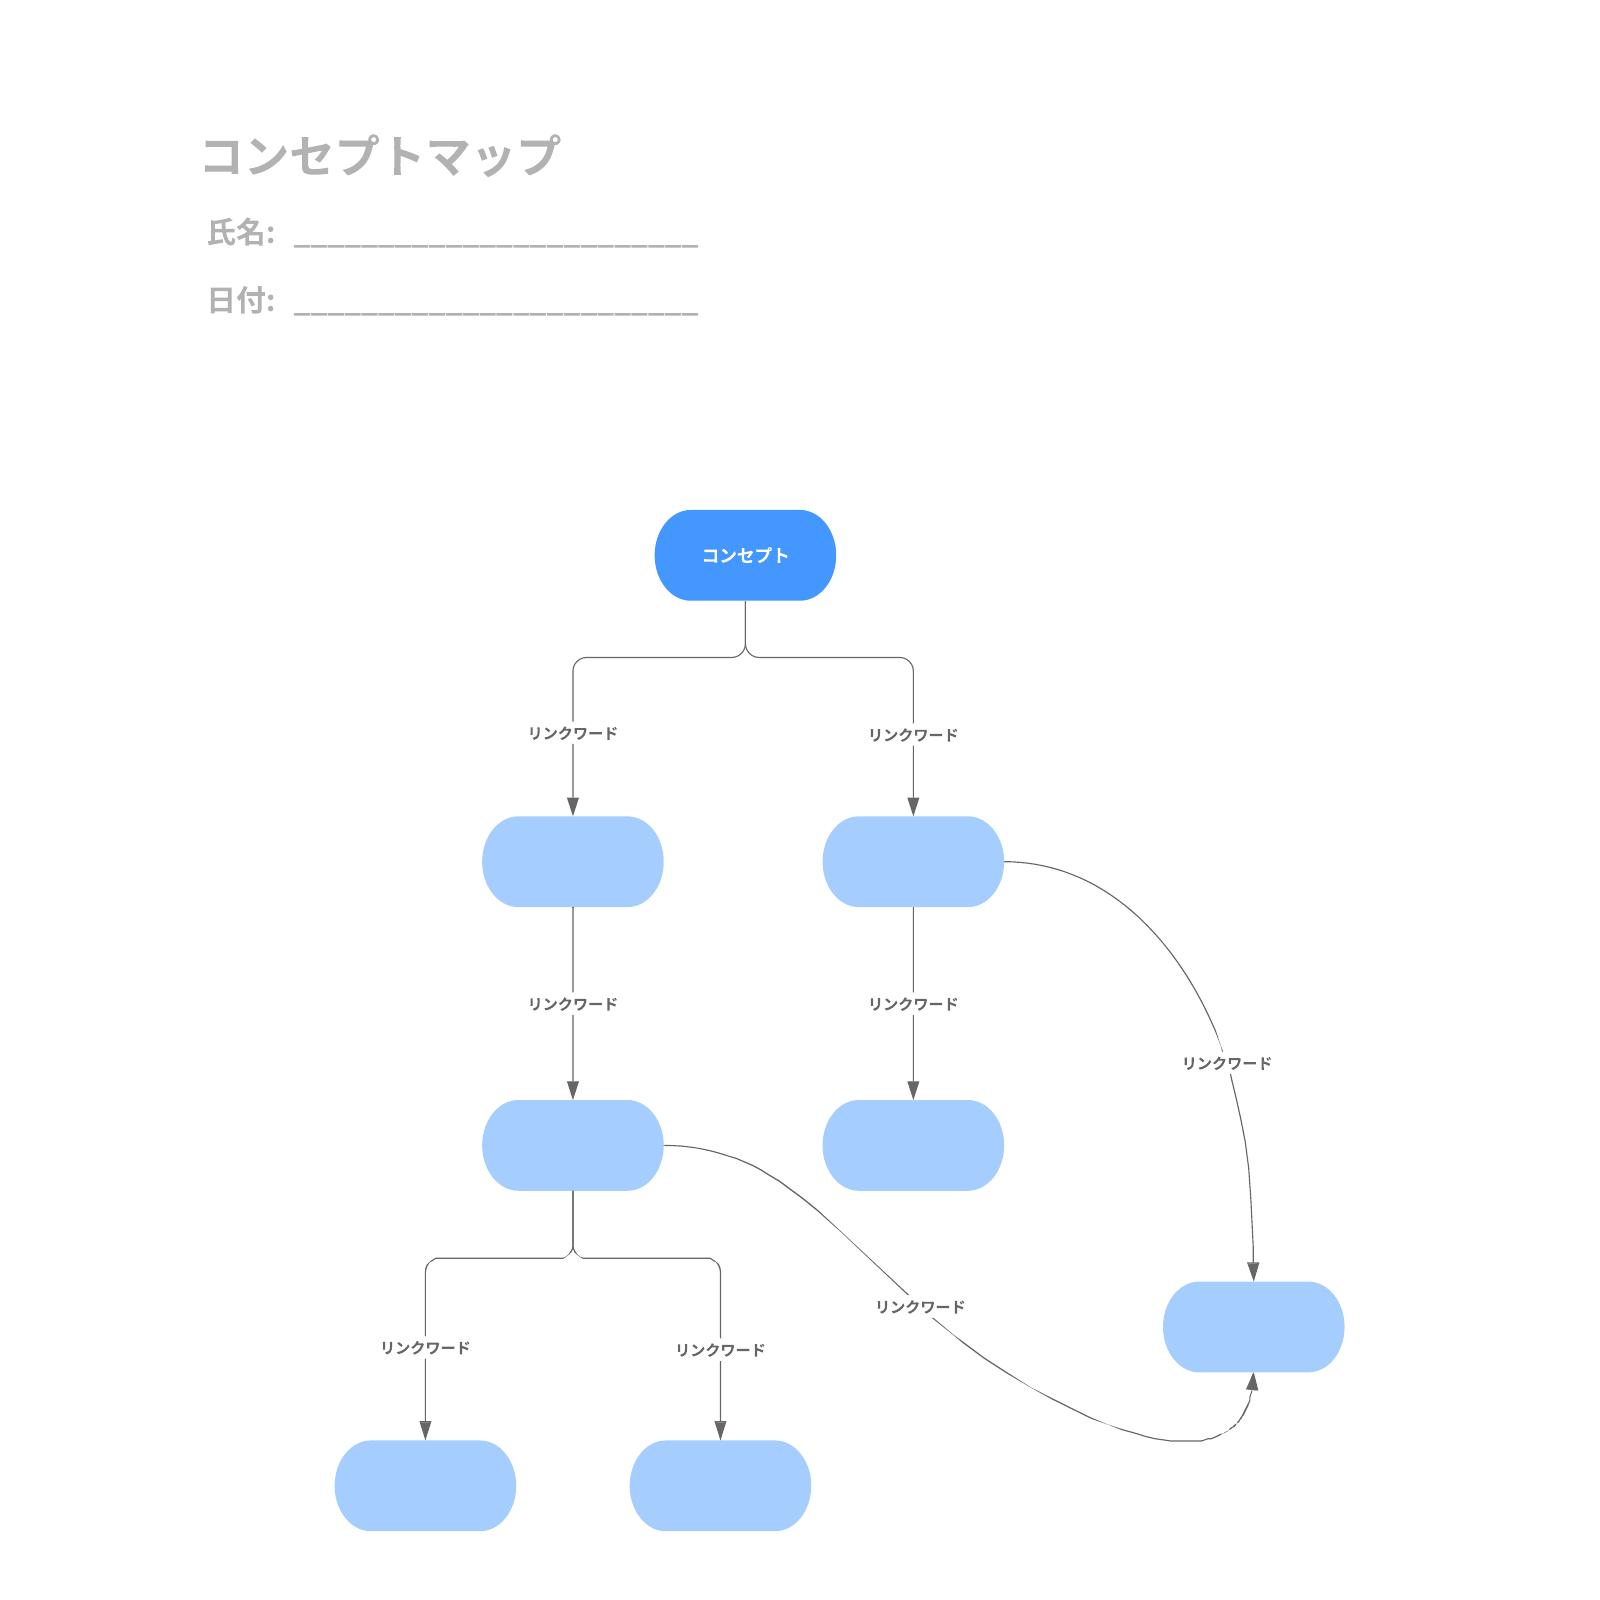 テンプレートから作成コンセプトマップ